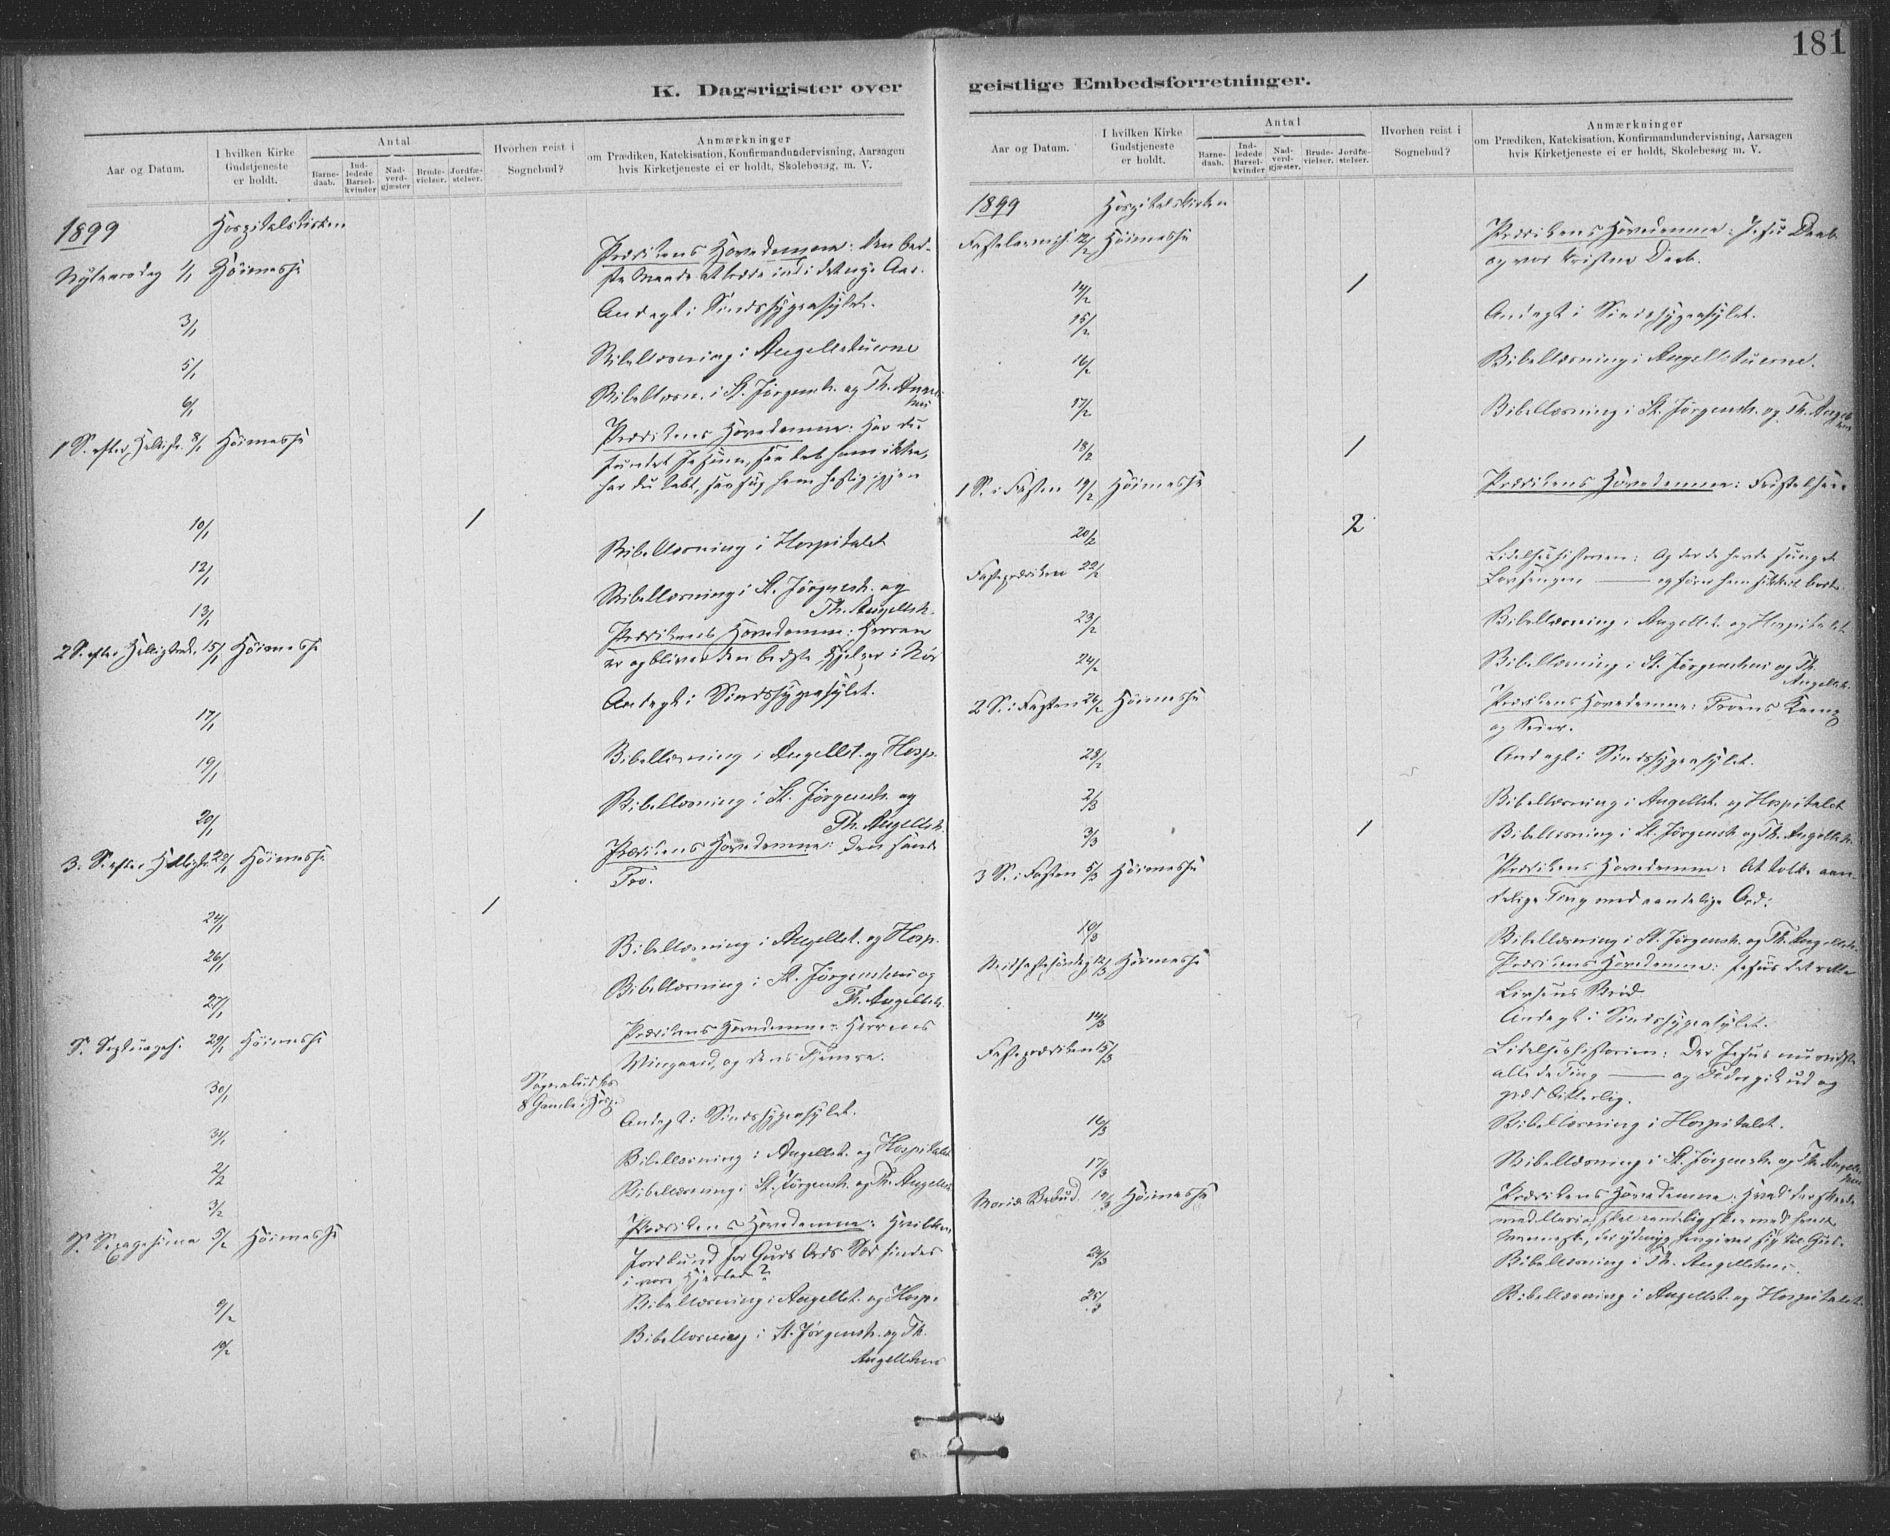 SAT, Ministerialprotokoller, klokkerbøker og fødselsregistre - Sør-Trøndelag, 623/L0470: Ministerialbok nr. 623A04, 1884-1938, s. 181